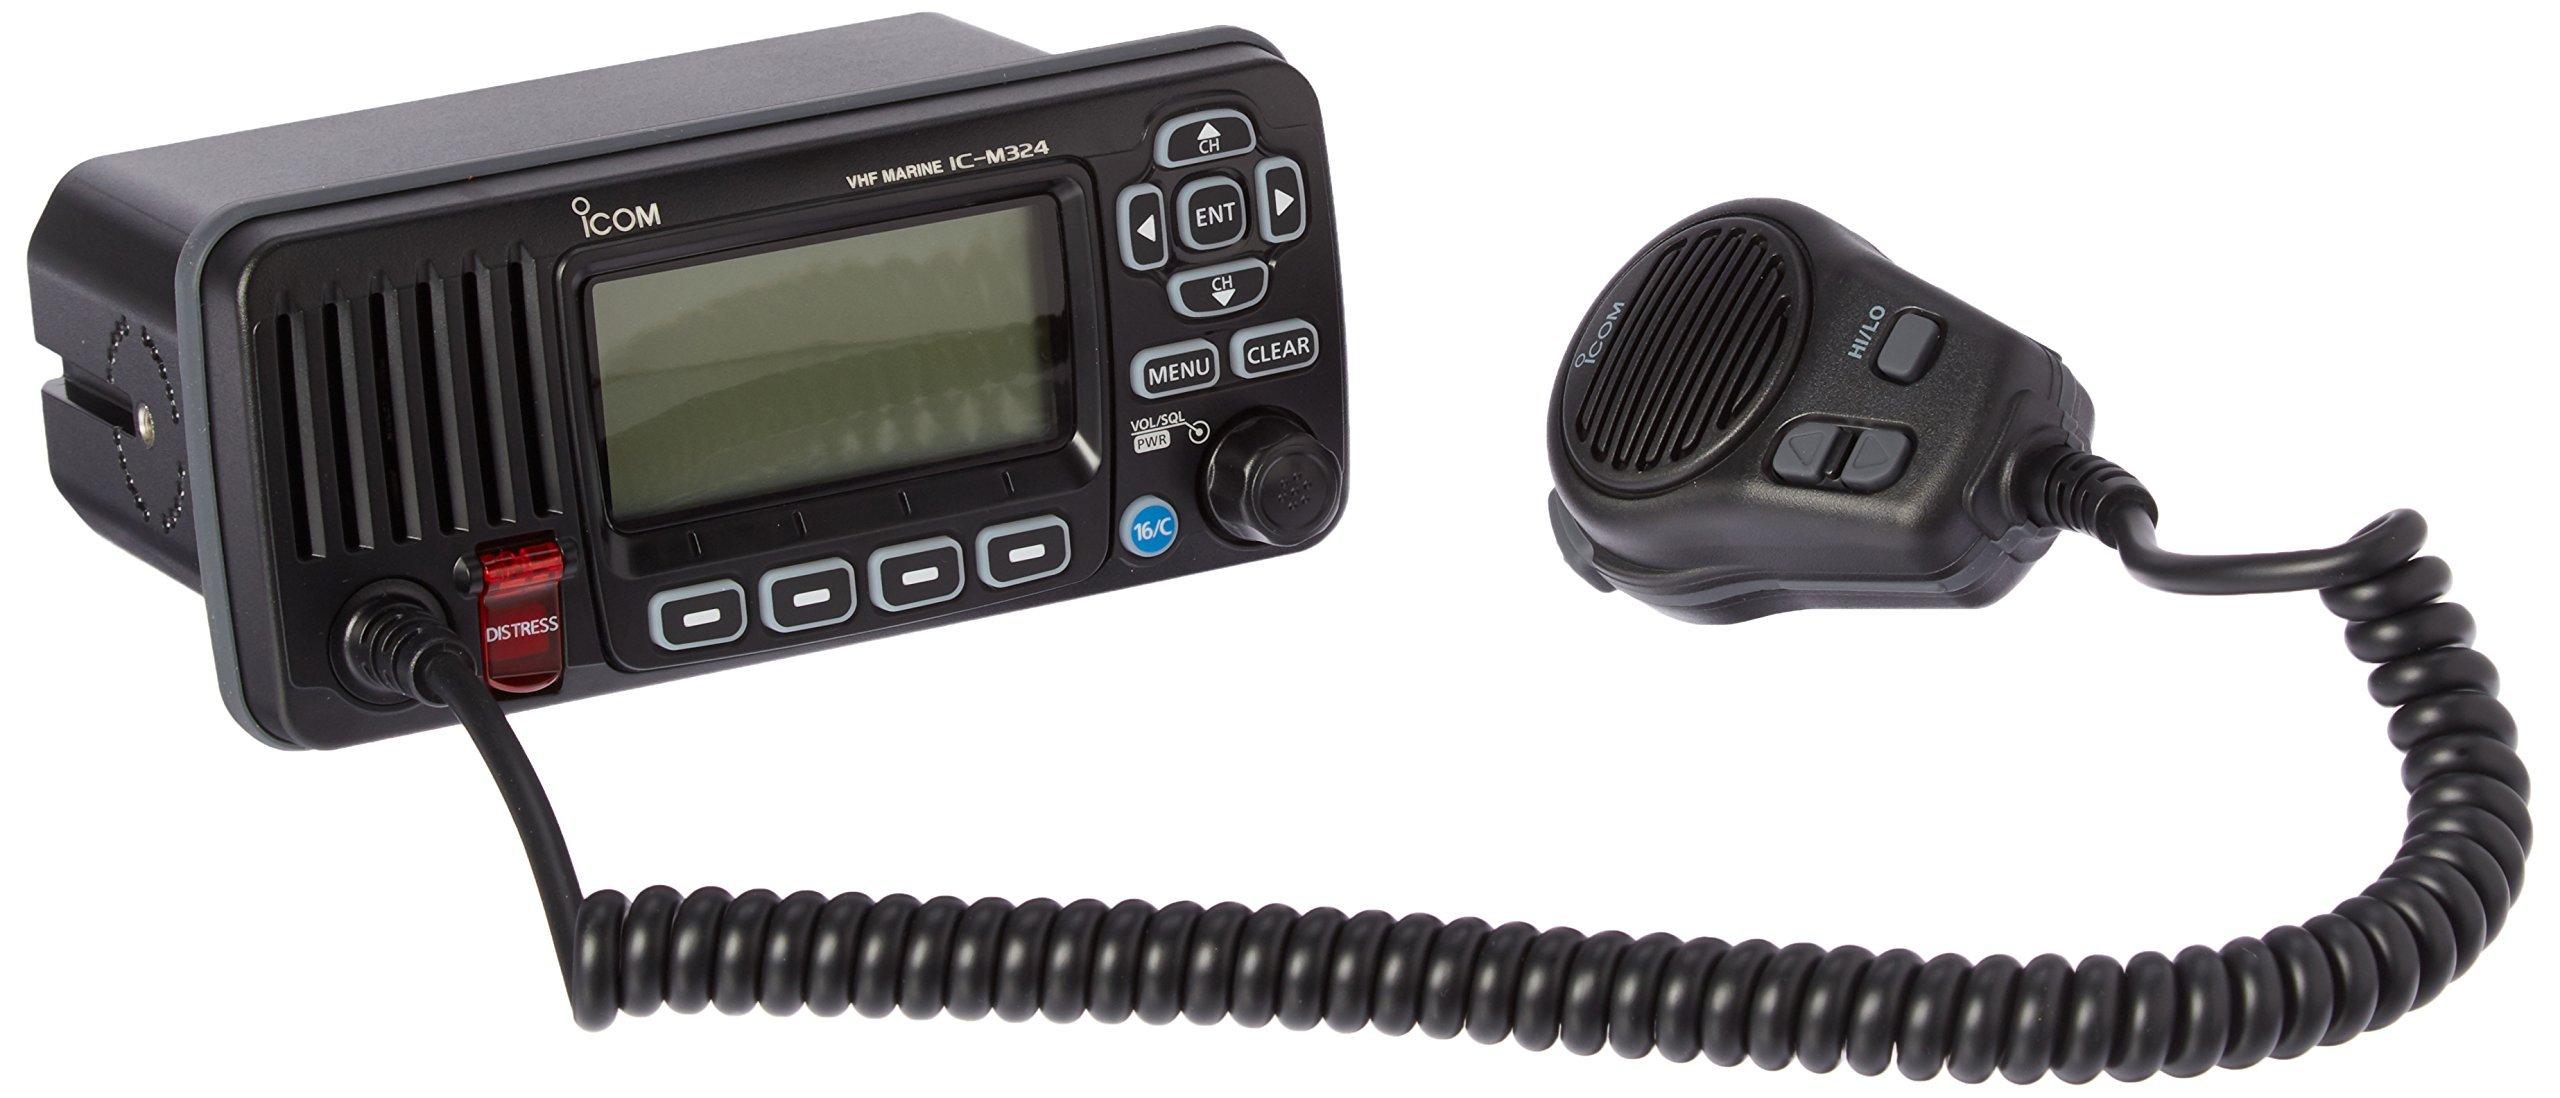 ICOM IC-M324 01 Fixed Mount VHF Radio - Black